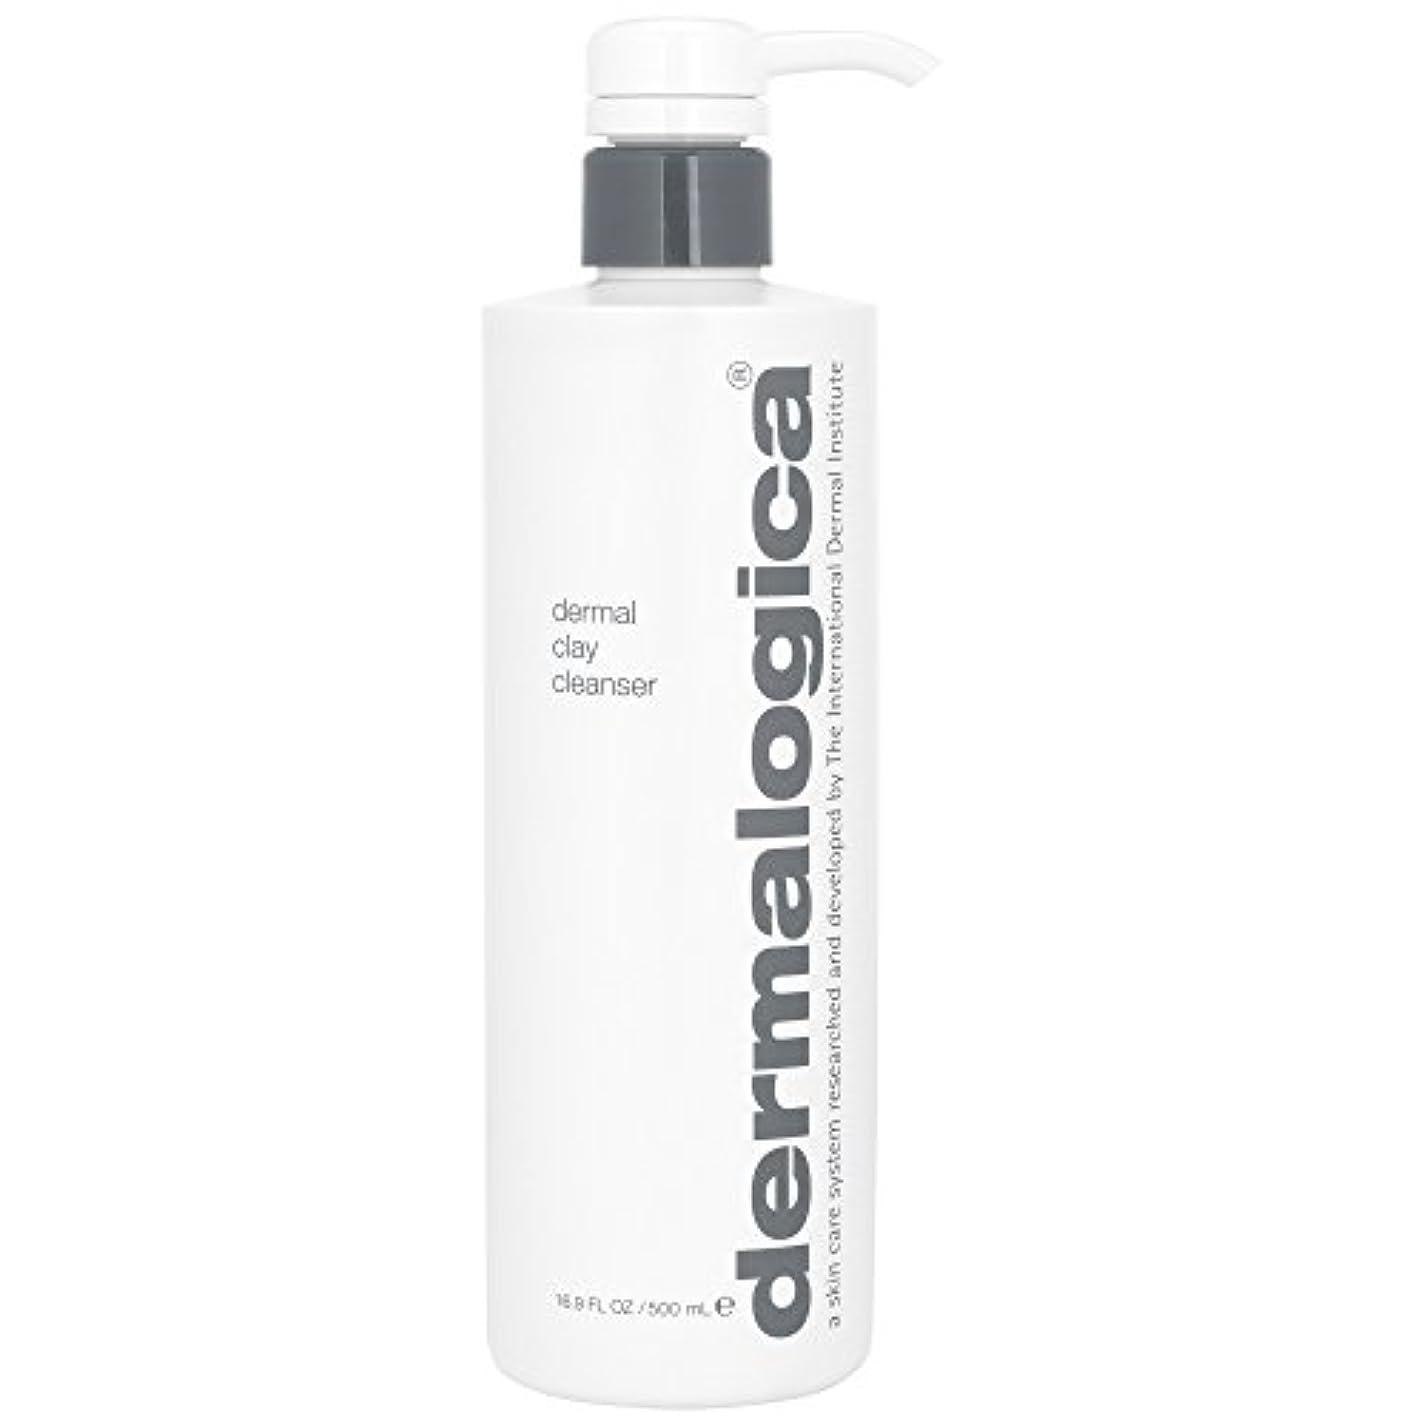 落ちた錆び思いつくダーマロジカ真皮クレイクレンザー500ミリリットル (Dermalogica) (x6) - Dermalogica Dermal Clay Cleanser 500ml (Pack of 6) [並行輸入品]